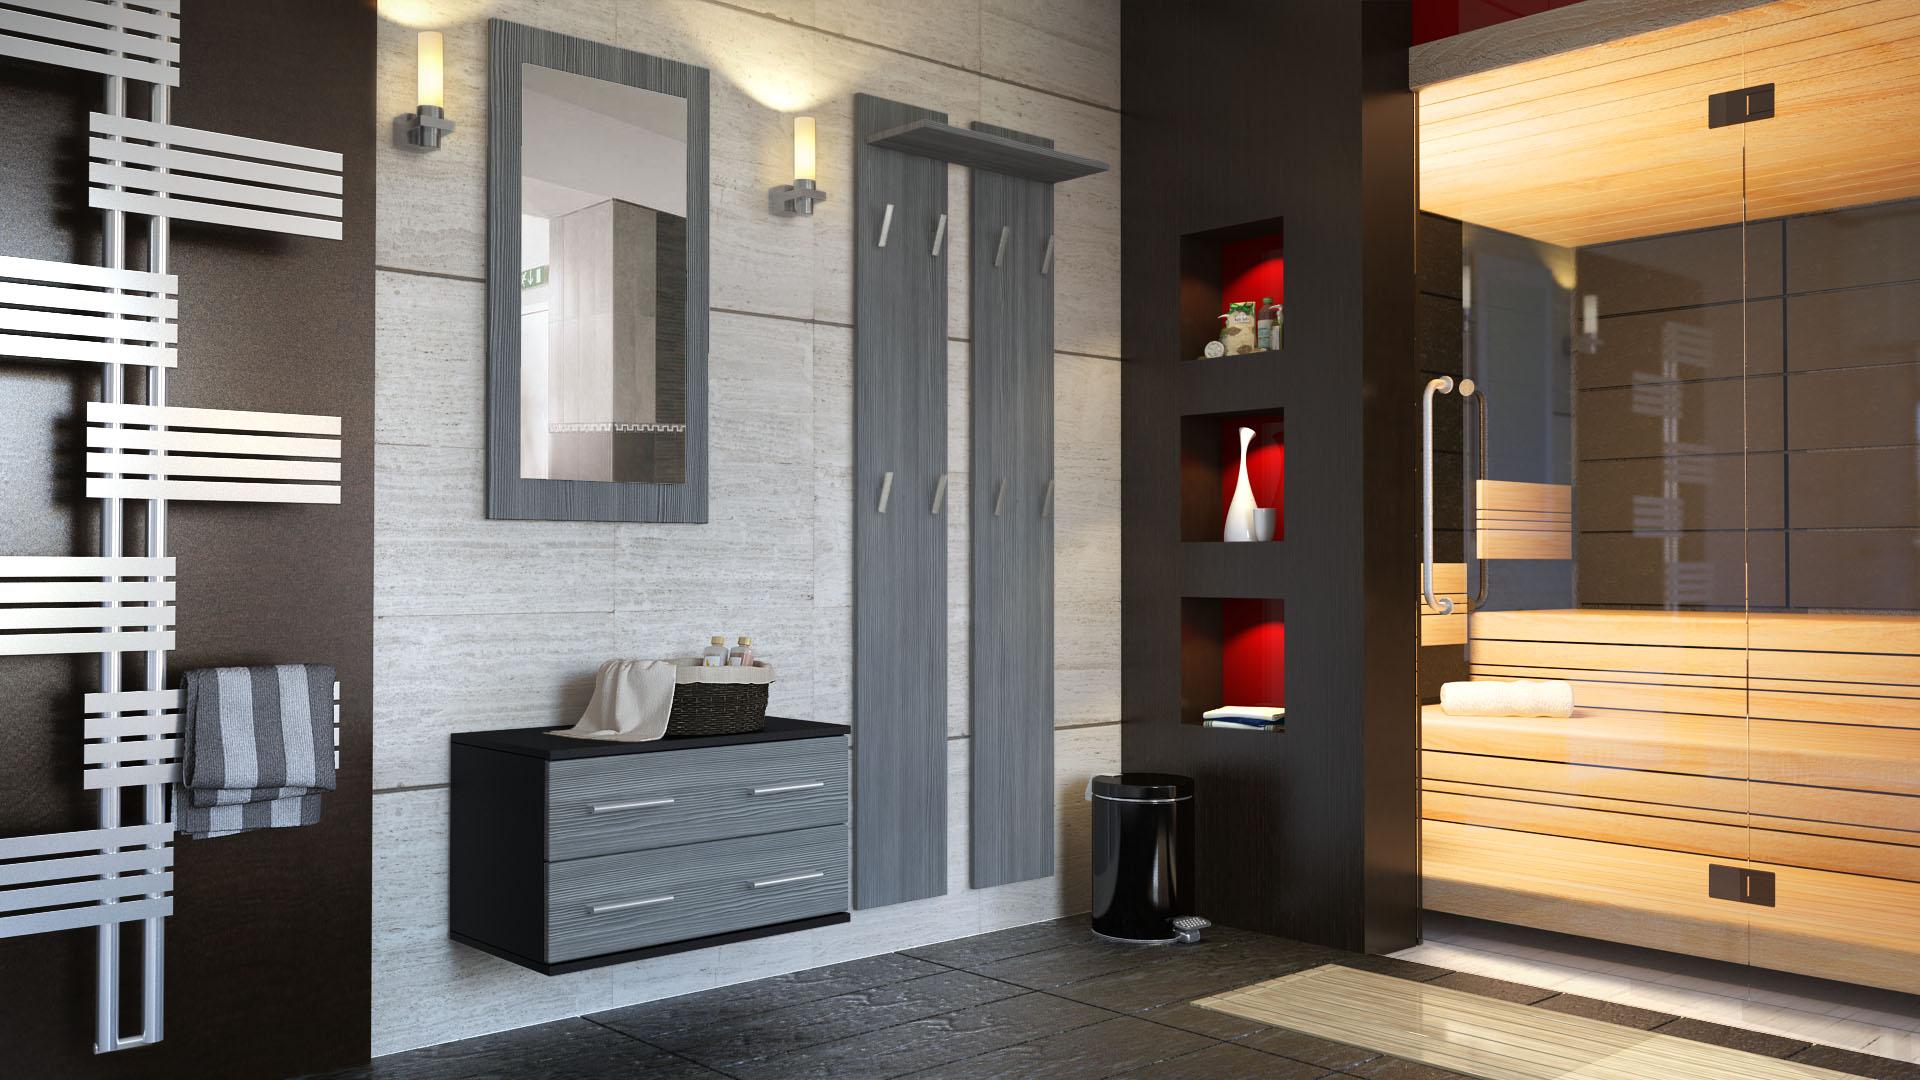 garderobenset flur garderobe set spiegel schuhschrank kioto schwarz hochglanz ebay. Black Bedroom Furniture Sets. Home Design Ideas